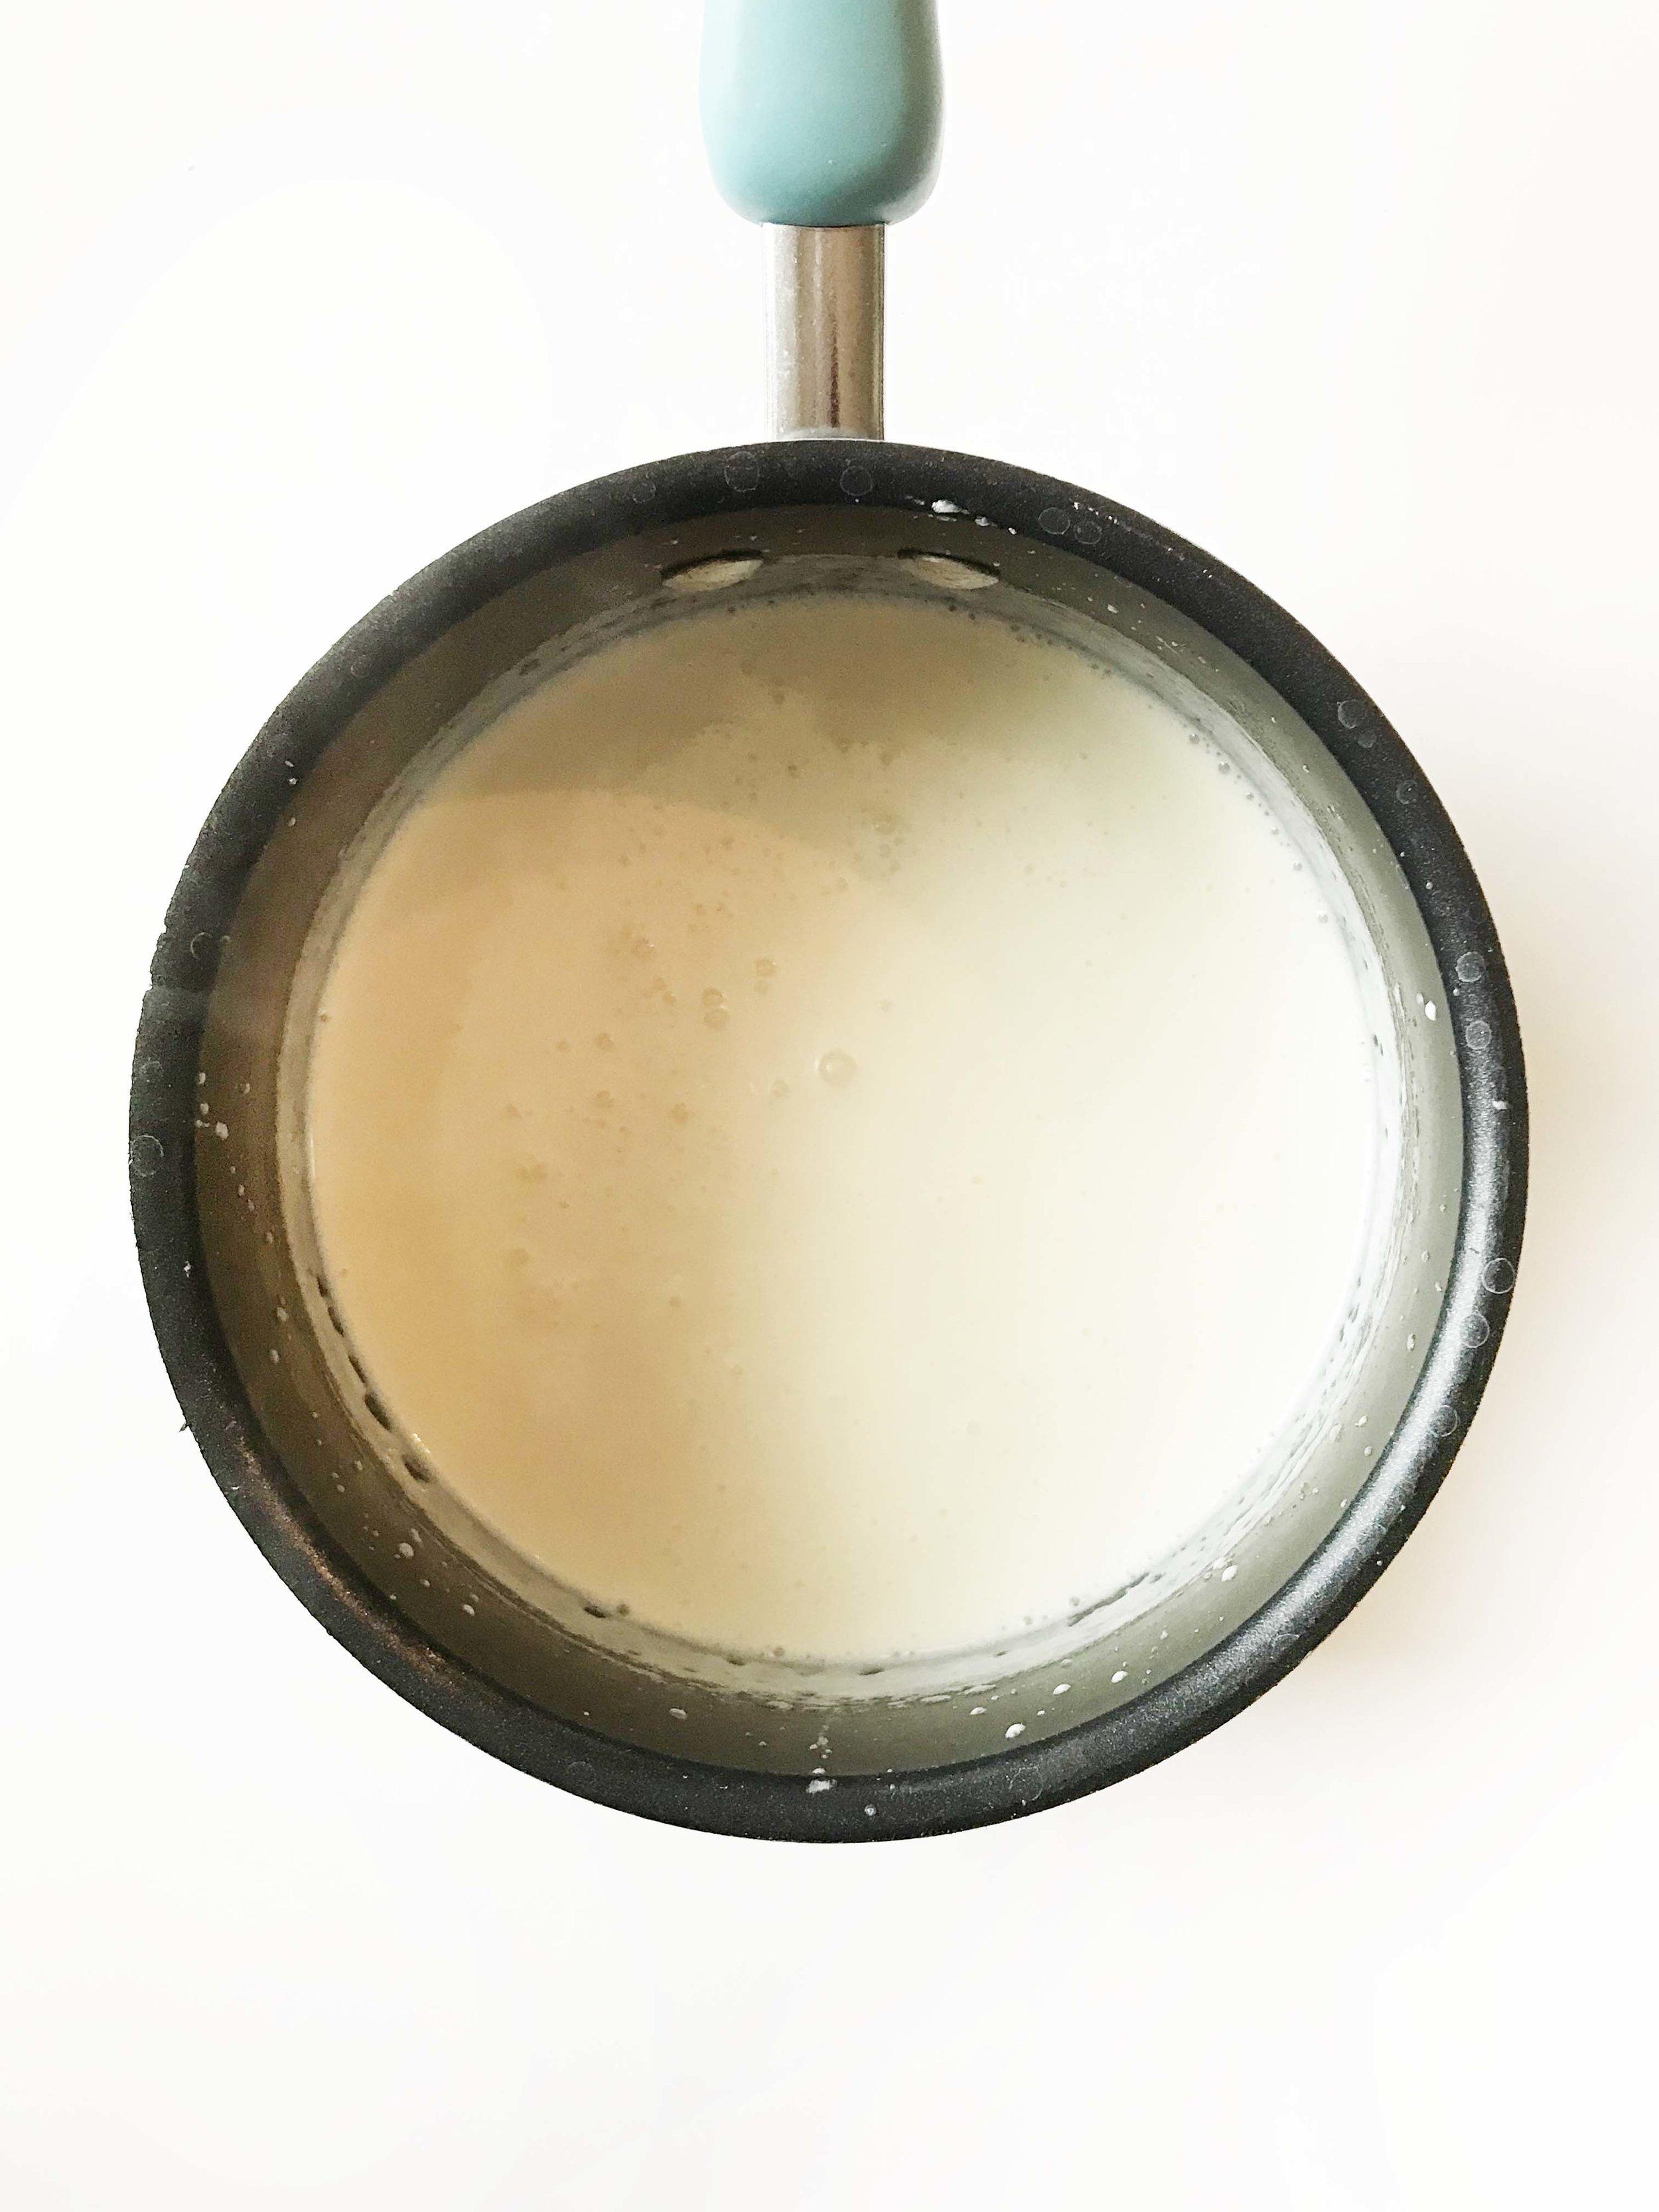 chilis-queso4.jpg